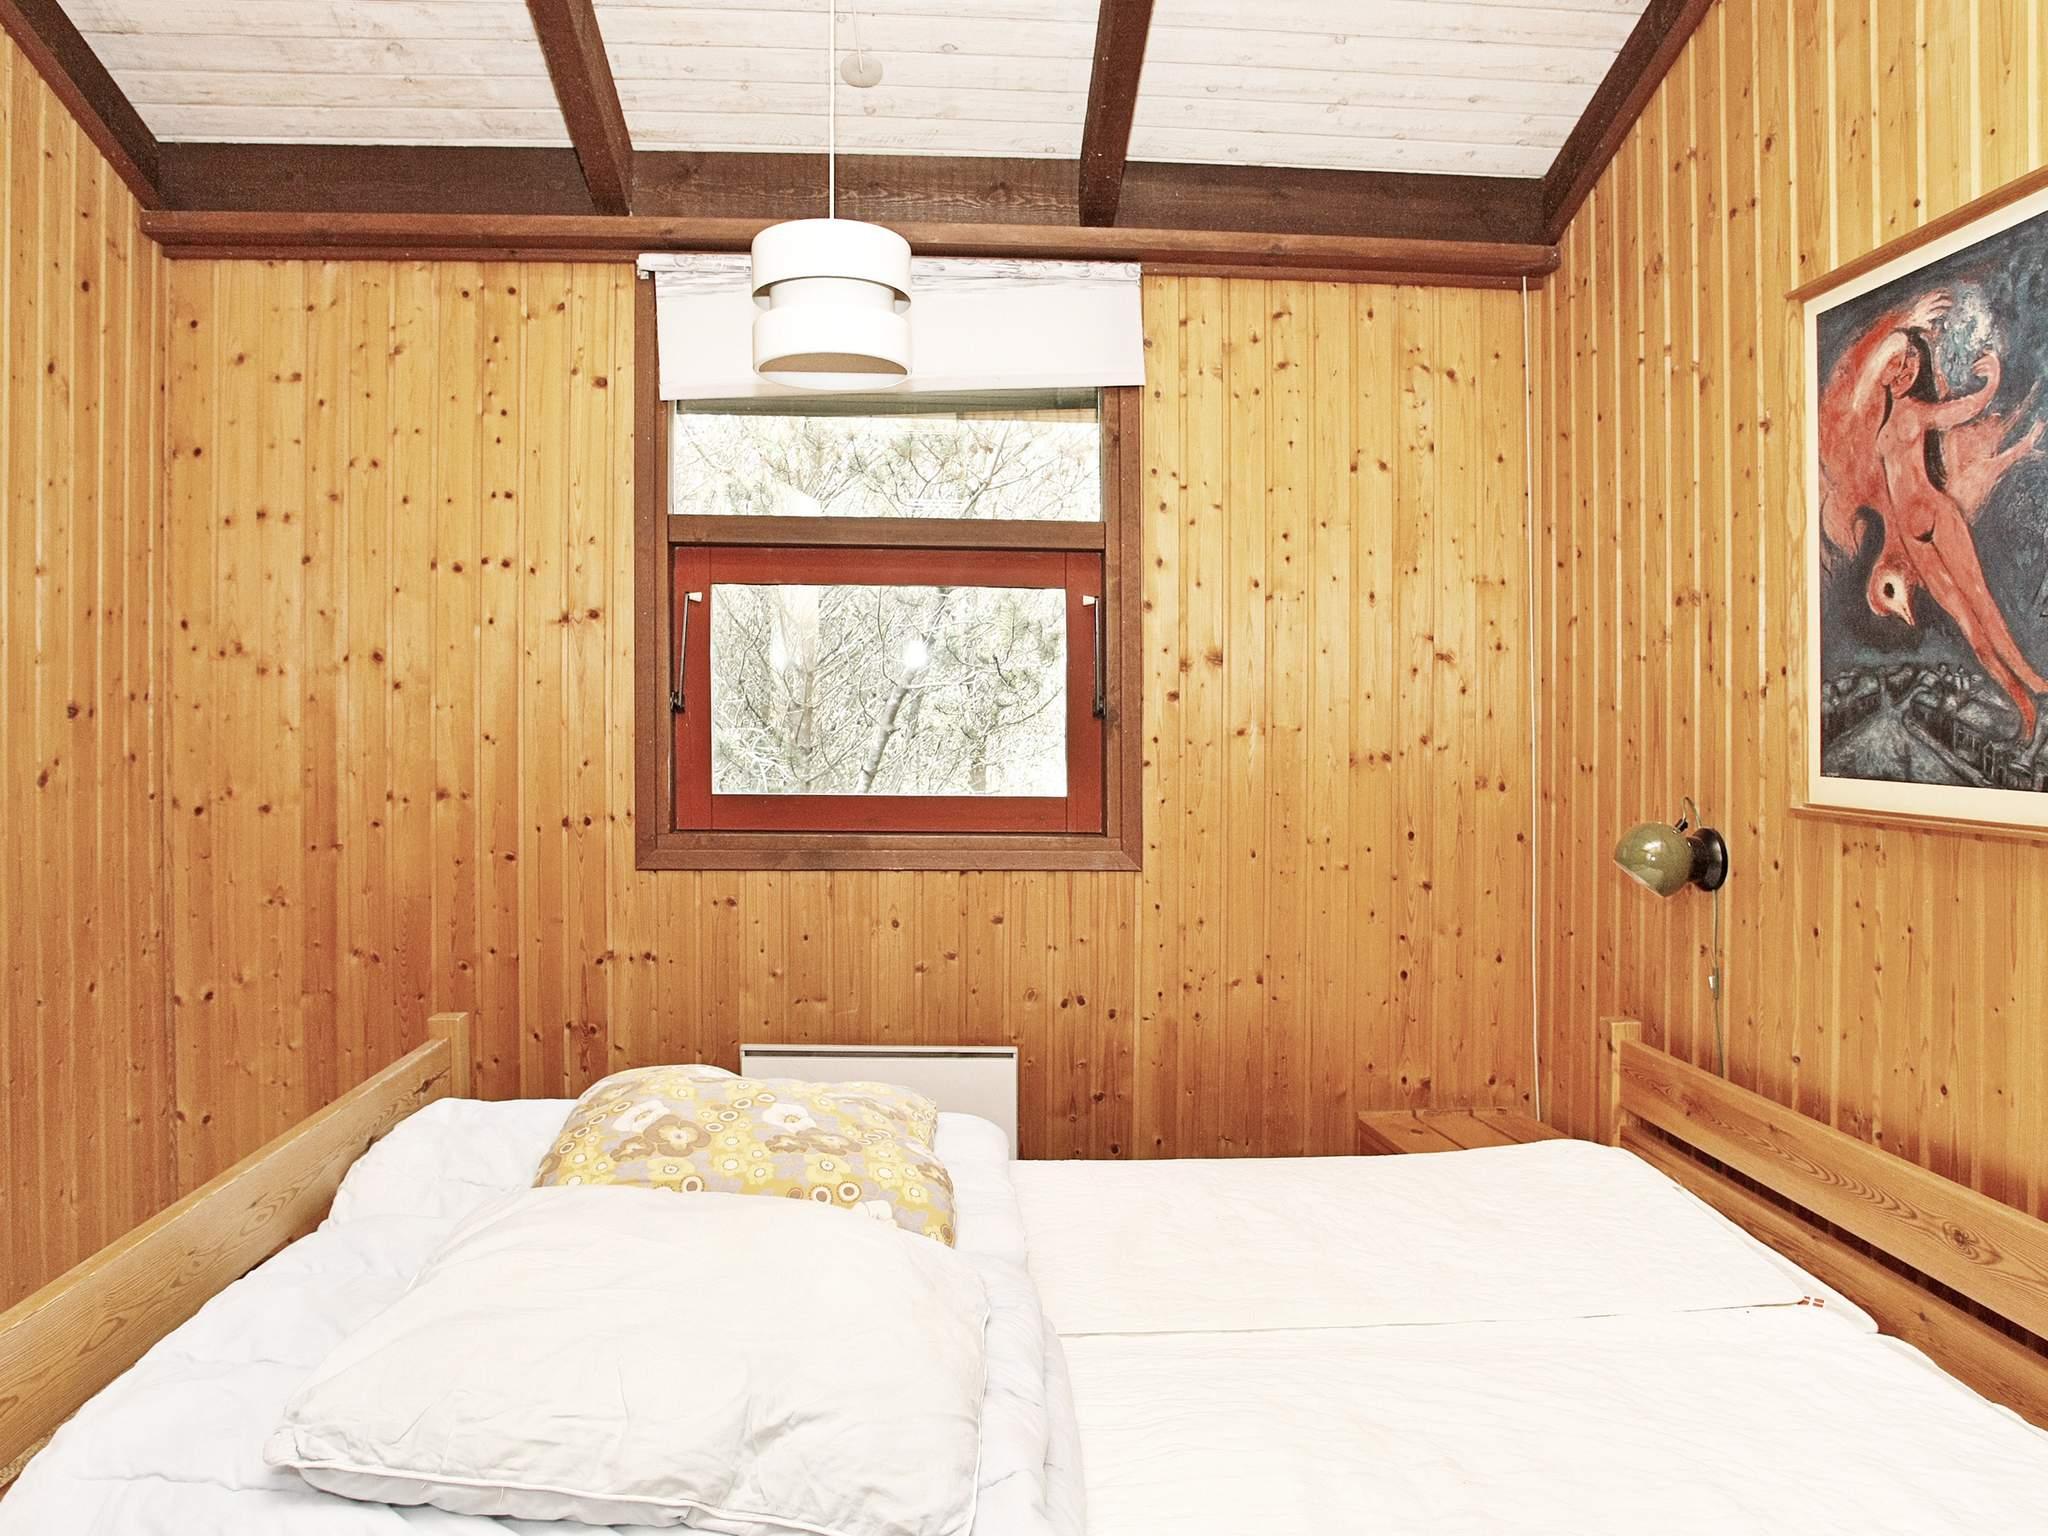 Ferienhaus Lodskovvad (426493), Lodskovvad, , Nordostjütland, Dänemark, Bild 6